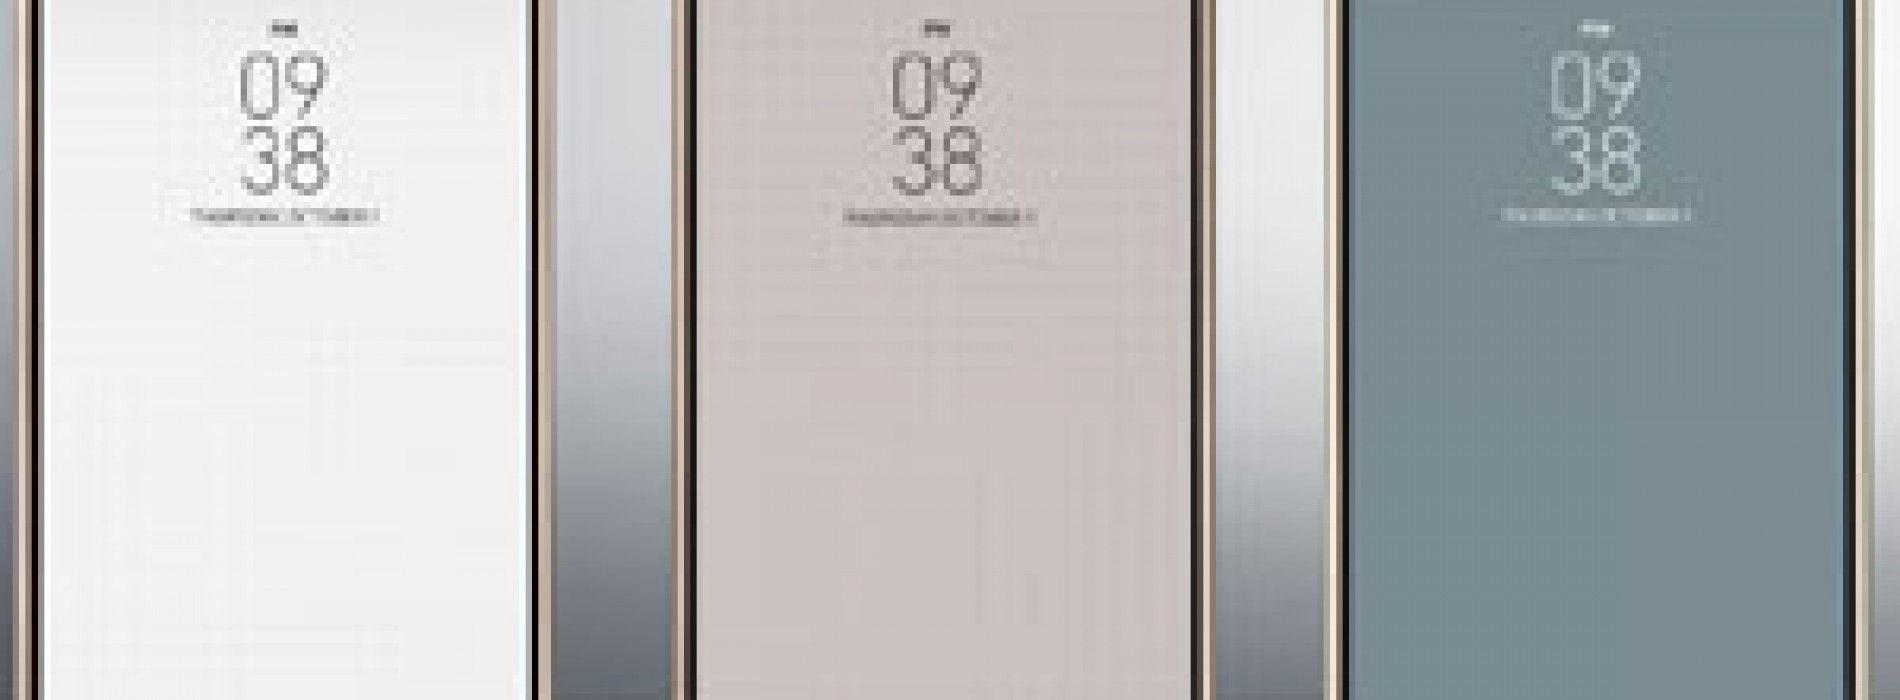 Presentan primer Smartphone con doble pantalla